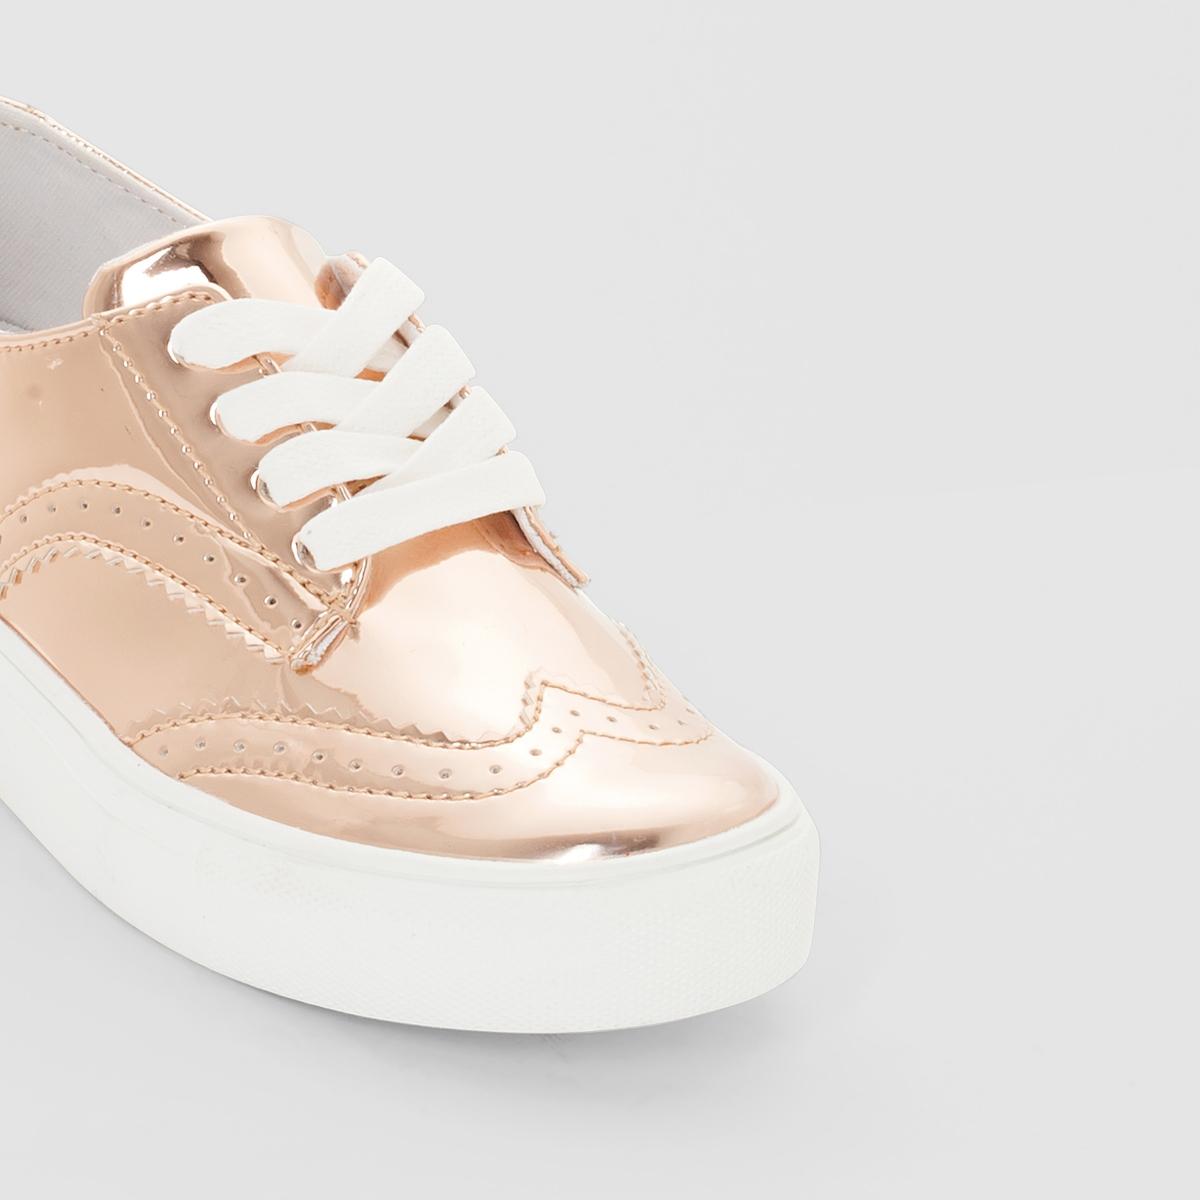 Кеды синтетическиеДетали  •  Спортивный стиль •  Плоский каблук •  Застежка : шнуровкаСостав и уход  •  Верх 100% синтетический материал •  Подкладка 100% хлопок<br><br>Цвет: розовый золотистый<br>Размер: 30.34